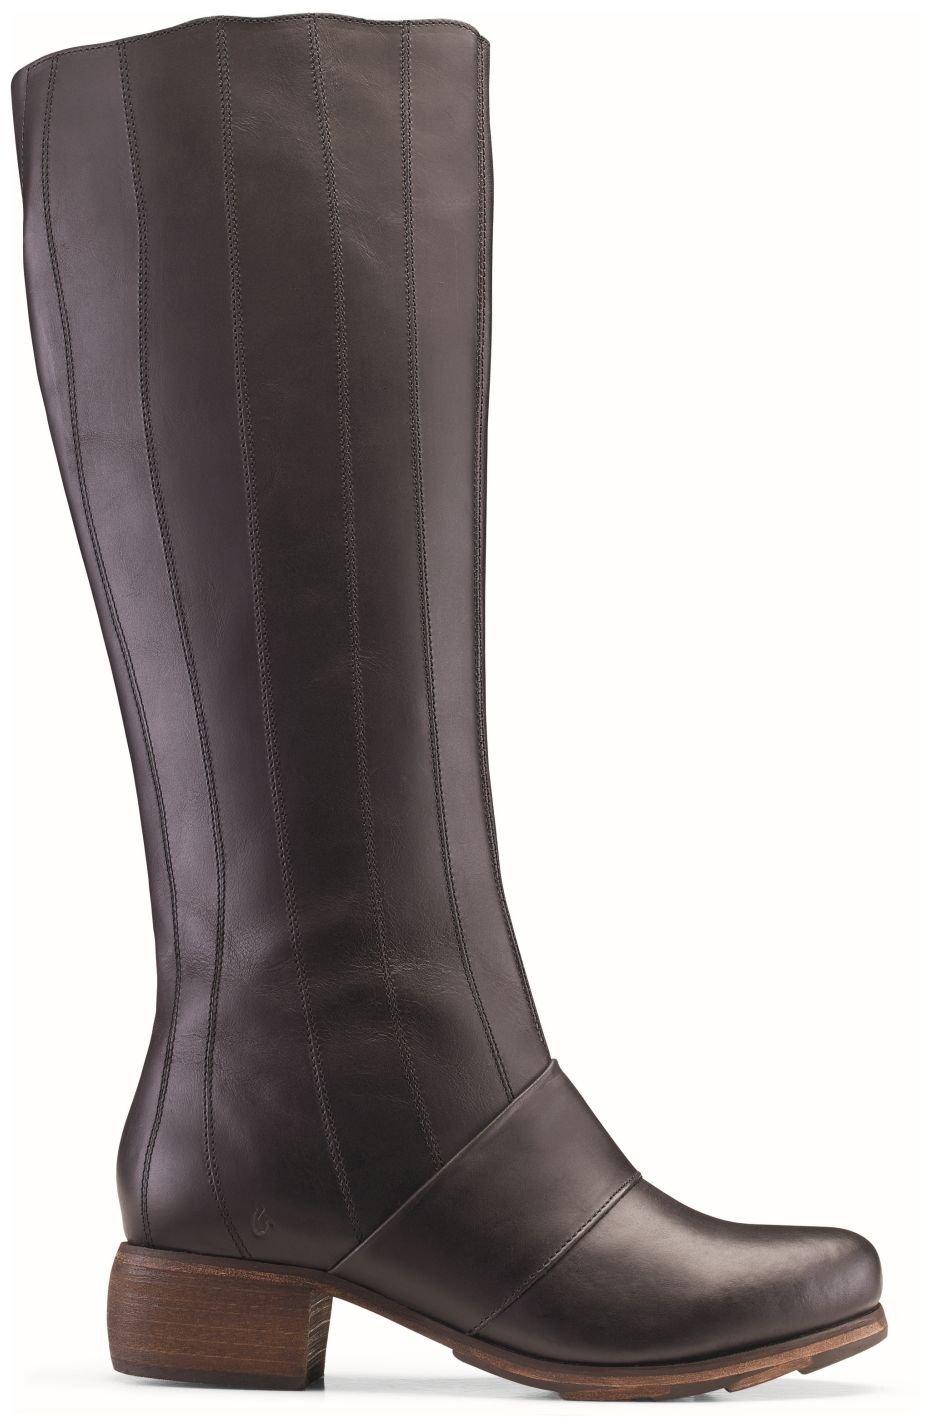 OluKai Kumukahi Boot - Women's Nero 8.5